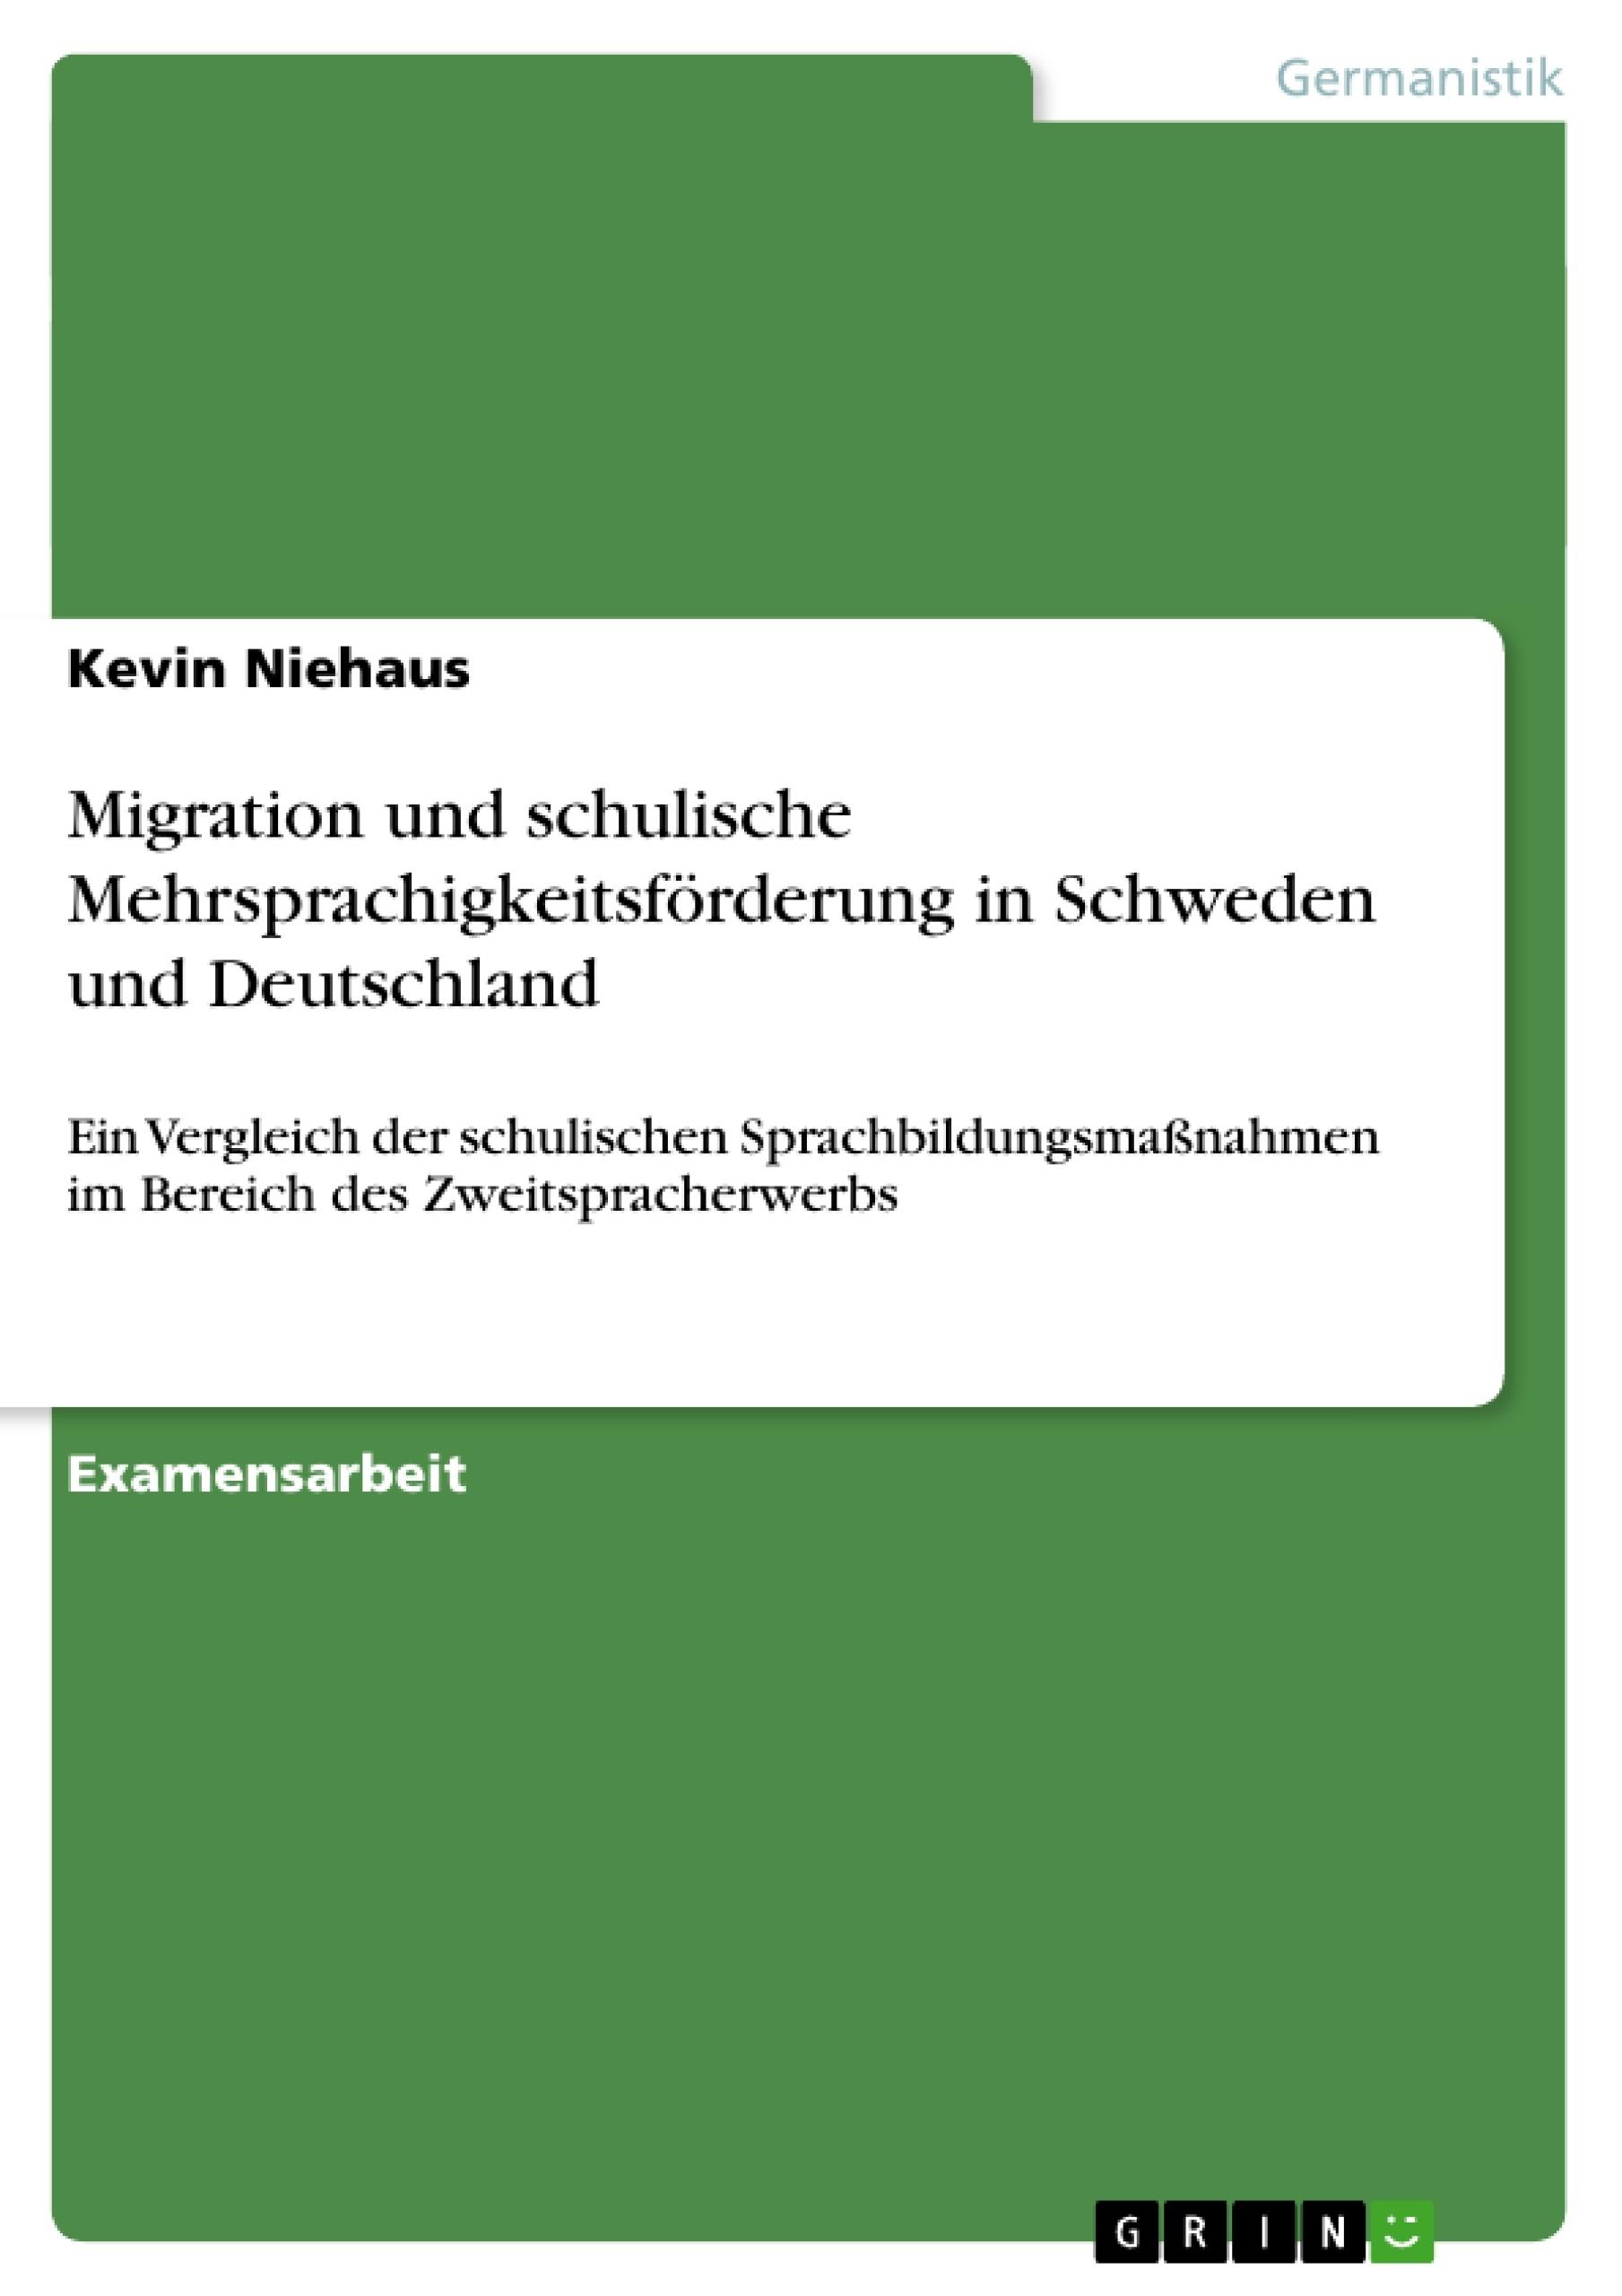 Titel: Migration und schulische Mehrsprachigkeitsförderung in Schweden und Deutschland